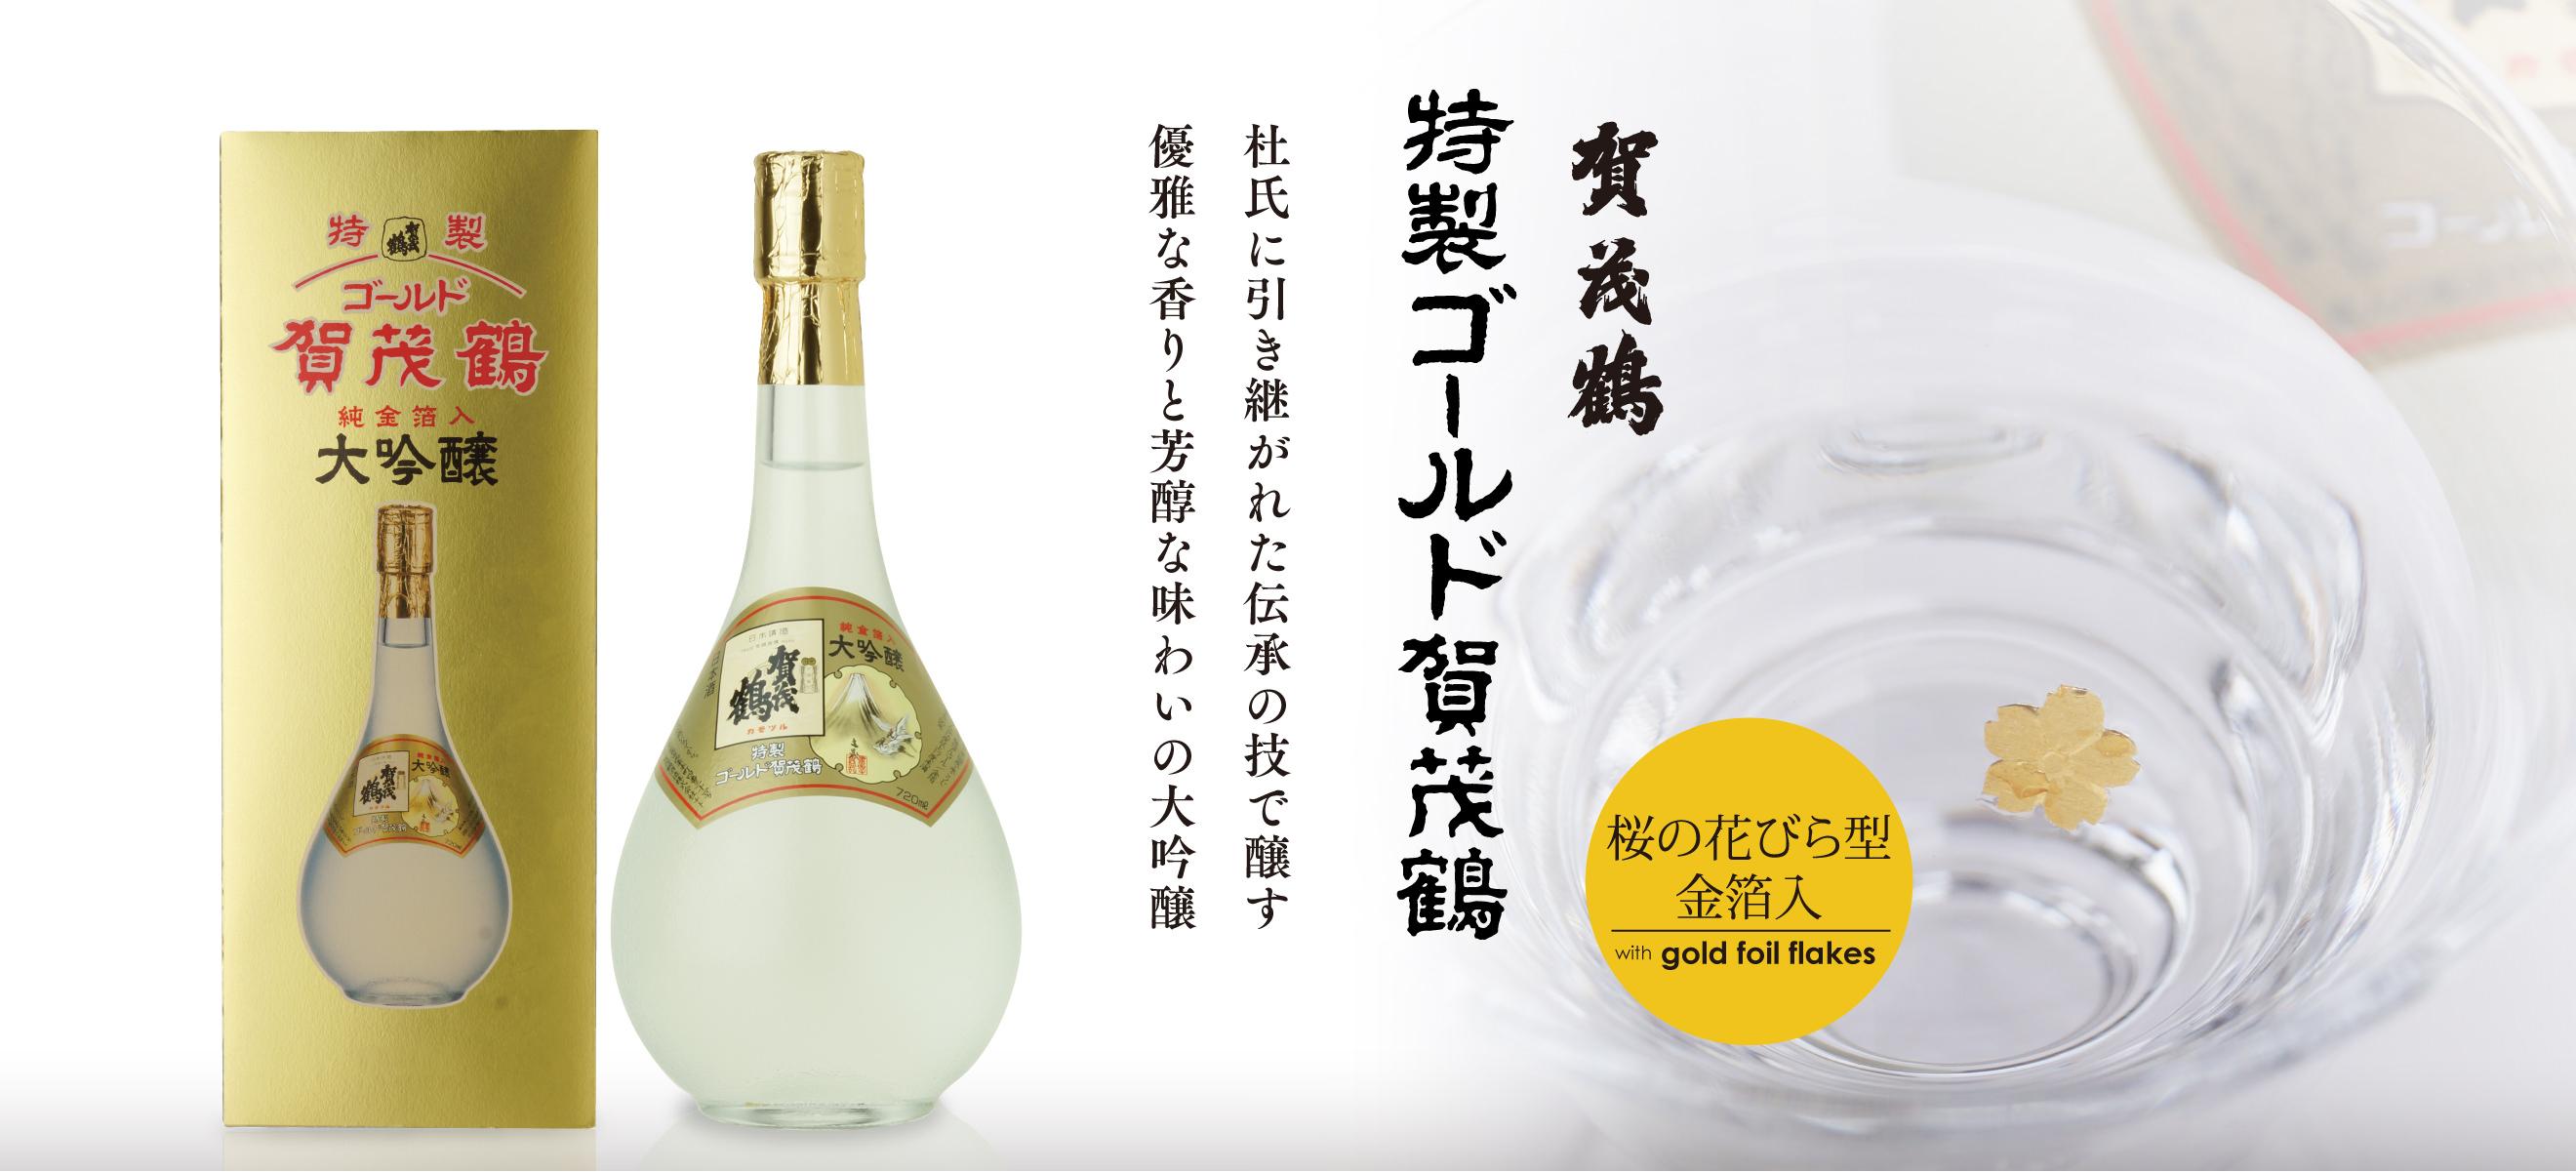 ゴールド賀茂鶴